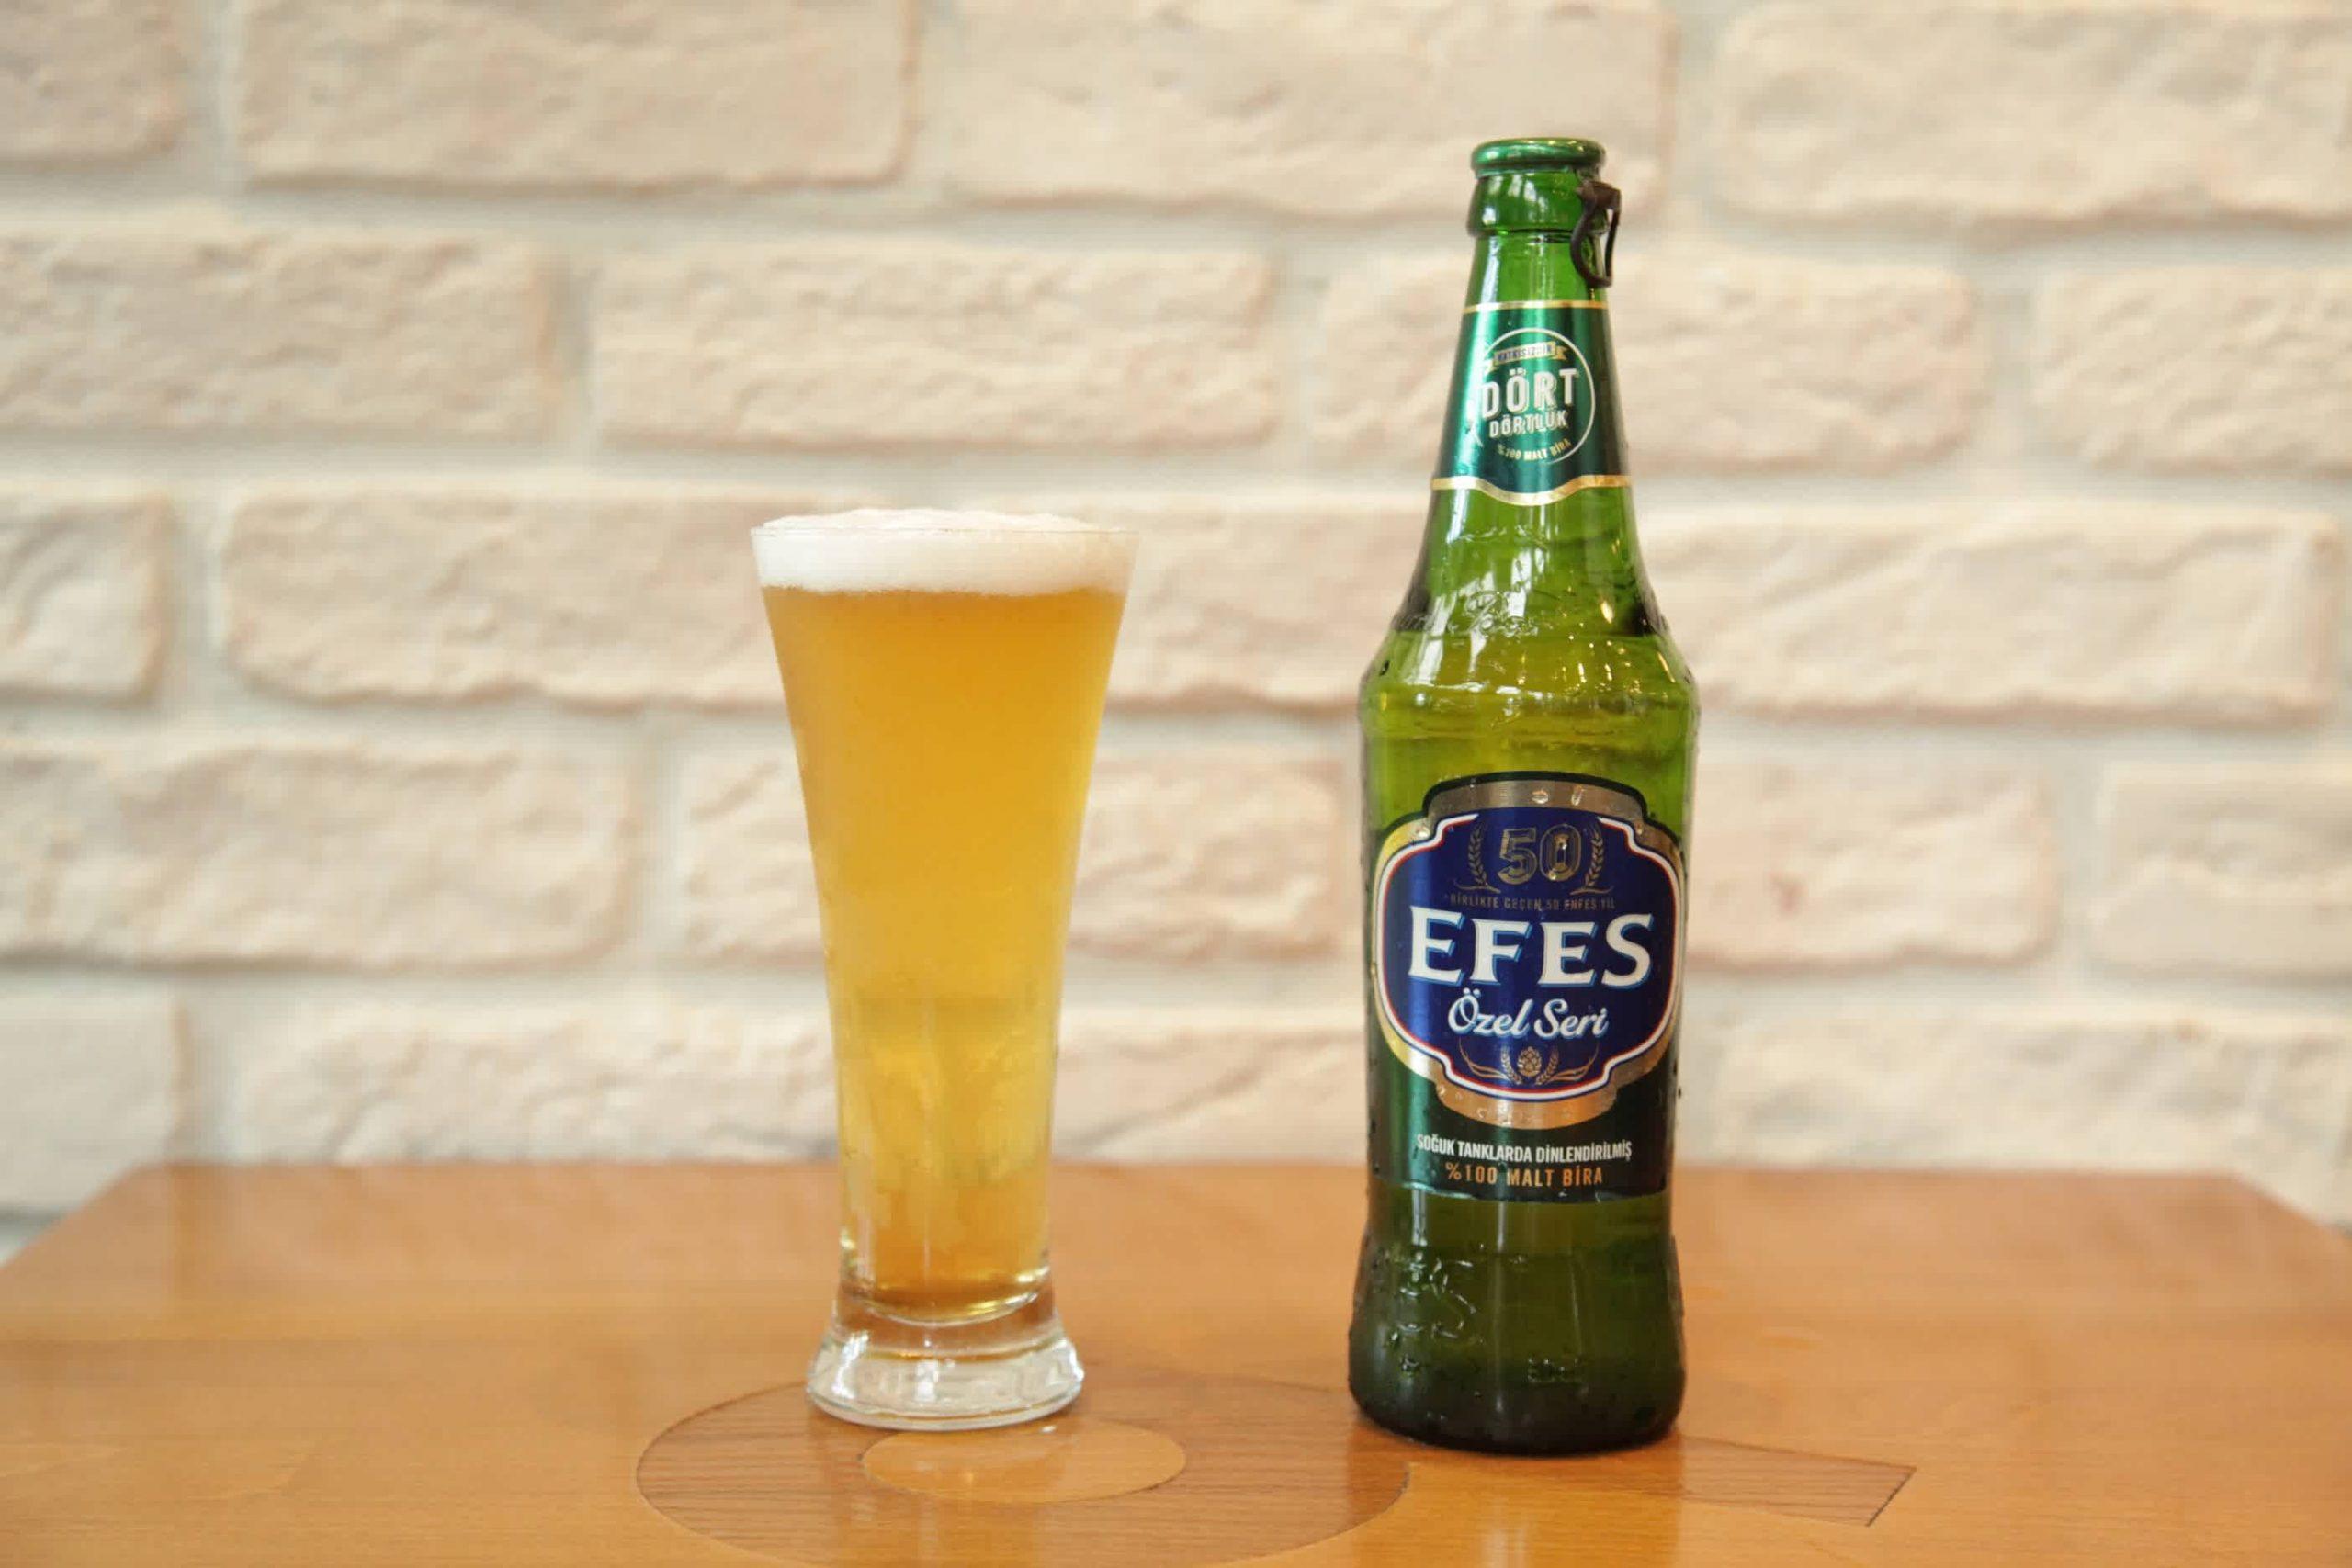 Efes Pilsen'in Kadıköy Tarihi Çarşı için,  özel bira tadımı ve lezzeti Dumlupınar Sokak'ta bulunan Kuzen Bahçe'de anlatıldı